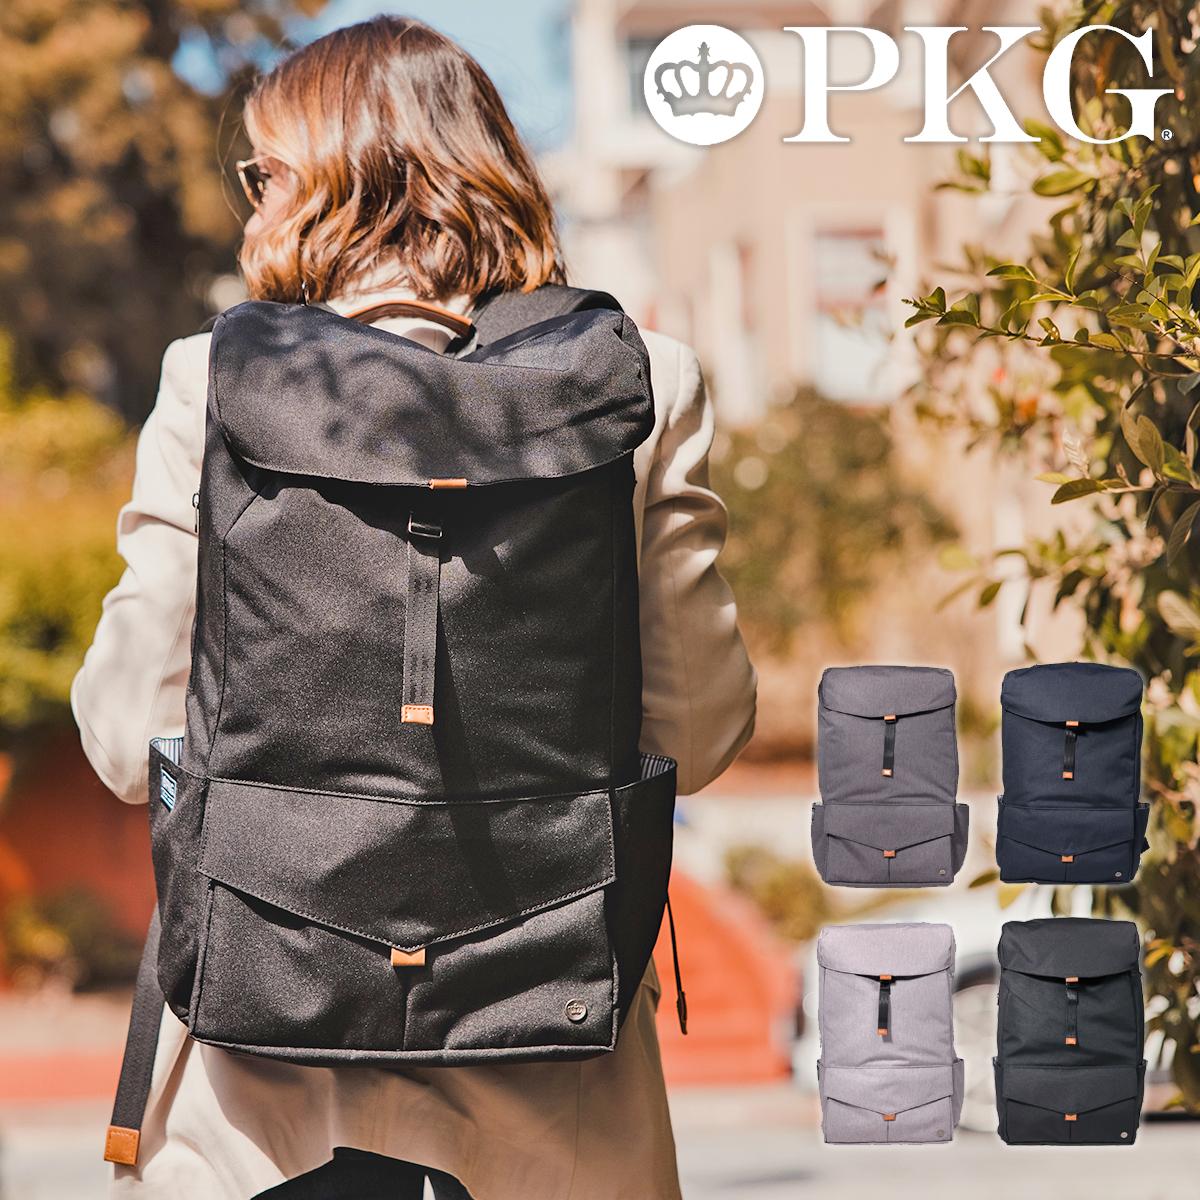 PKG リュック A4 30L CAMBRIDGE メンズ レディース 28CA ピーケージー | リュックサック 軽量 撥水 [PO10]